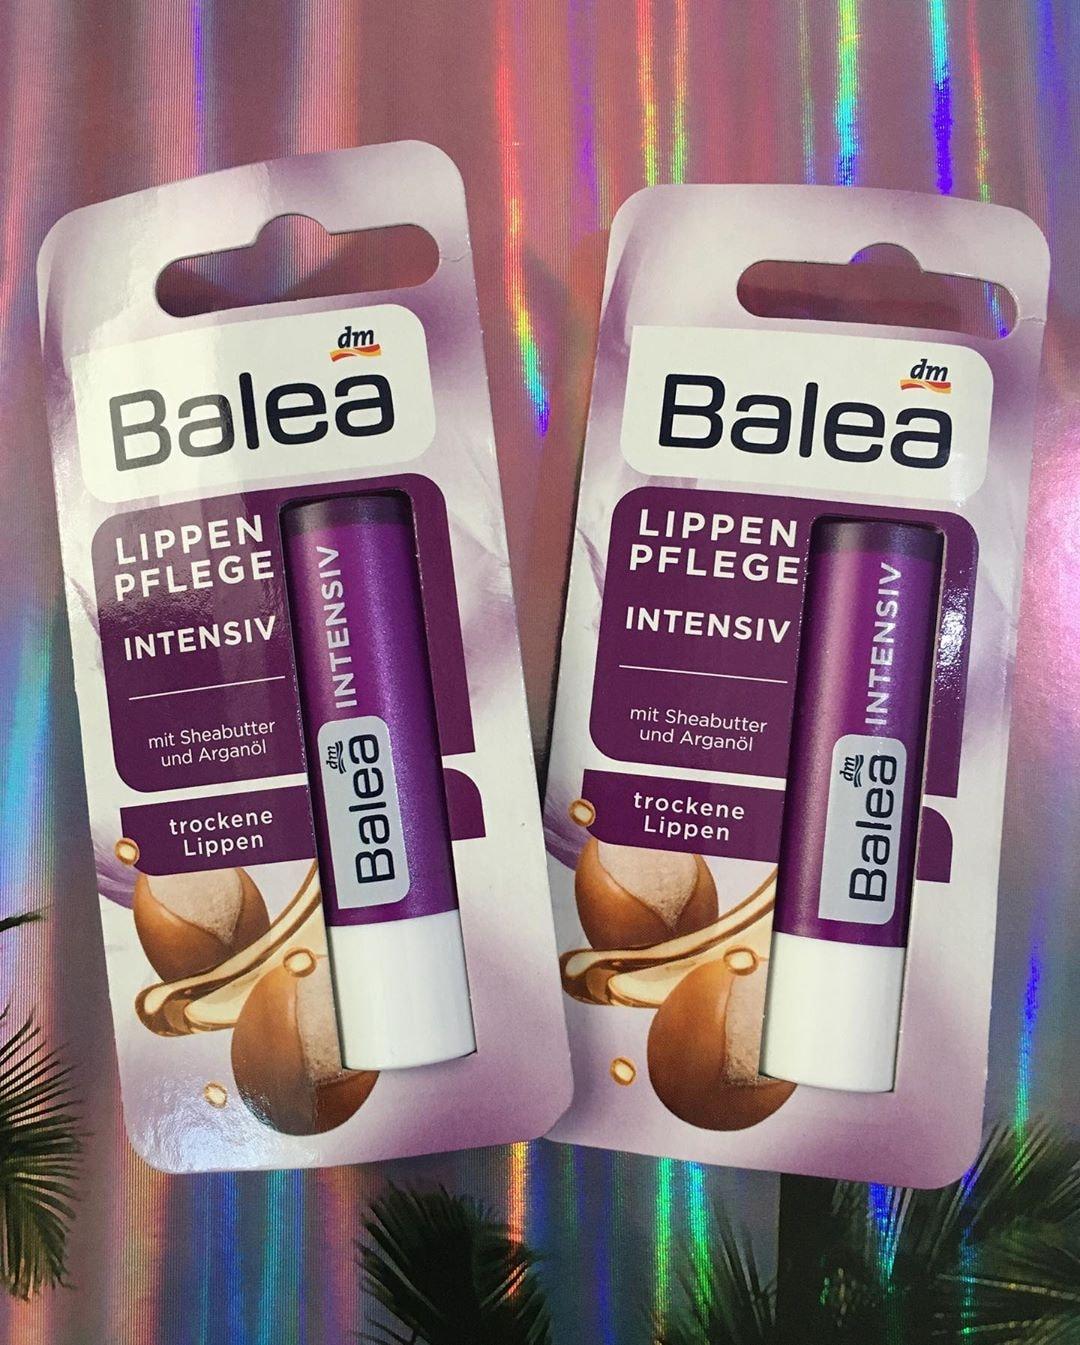 Son dưỡng môi Balea hương bơ